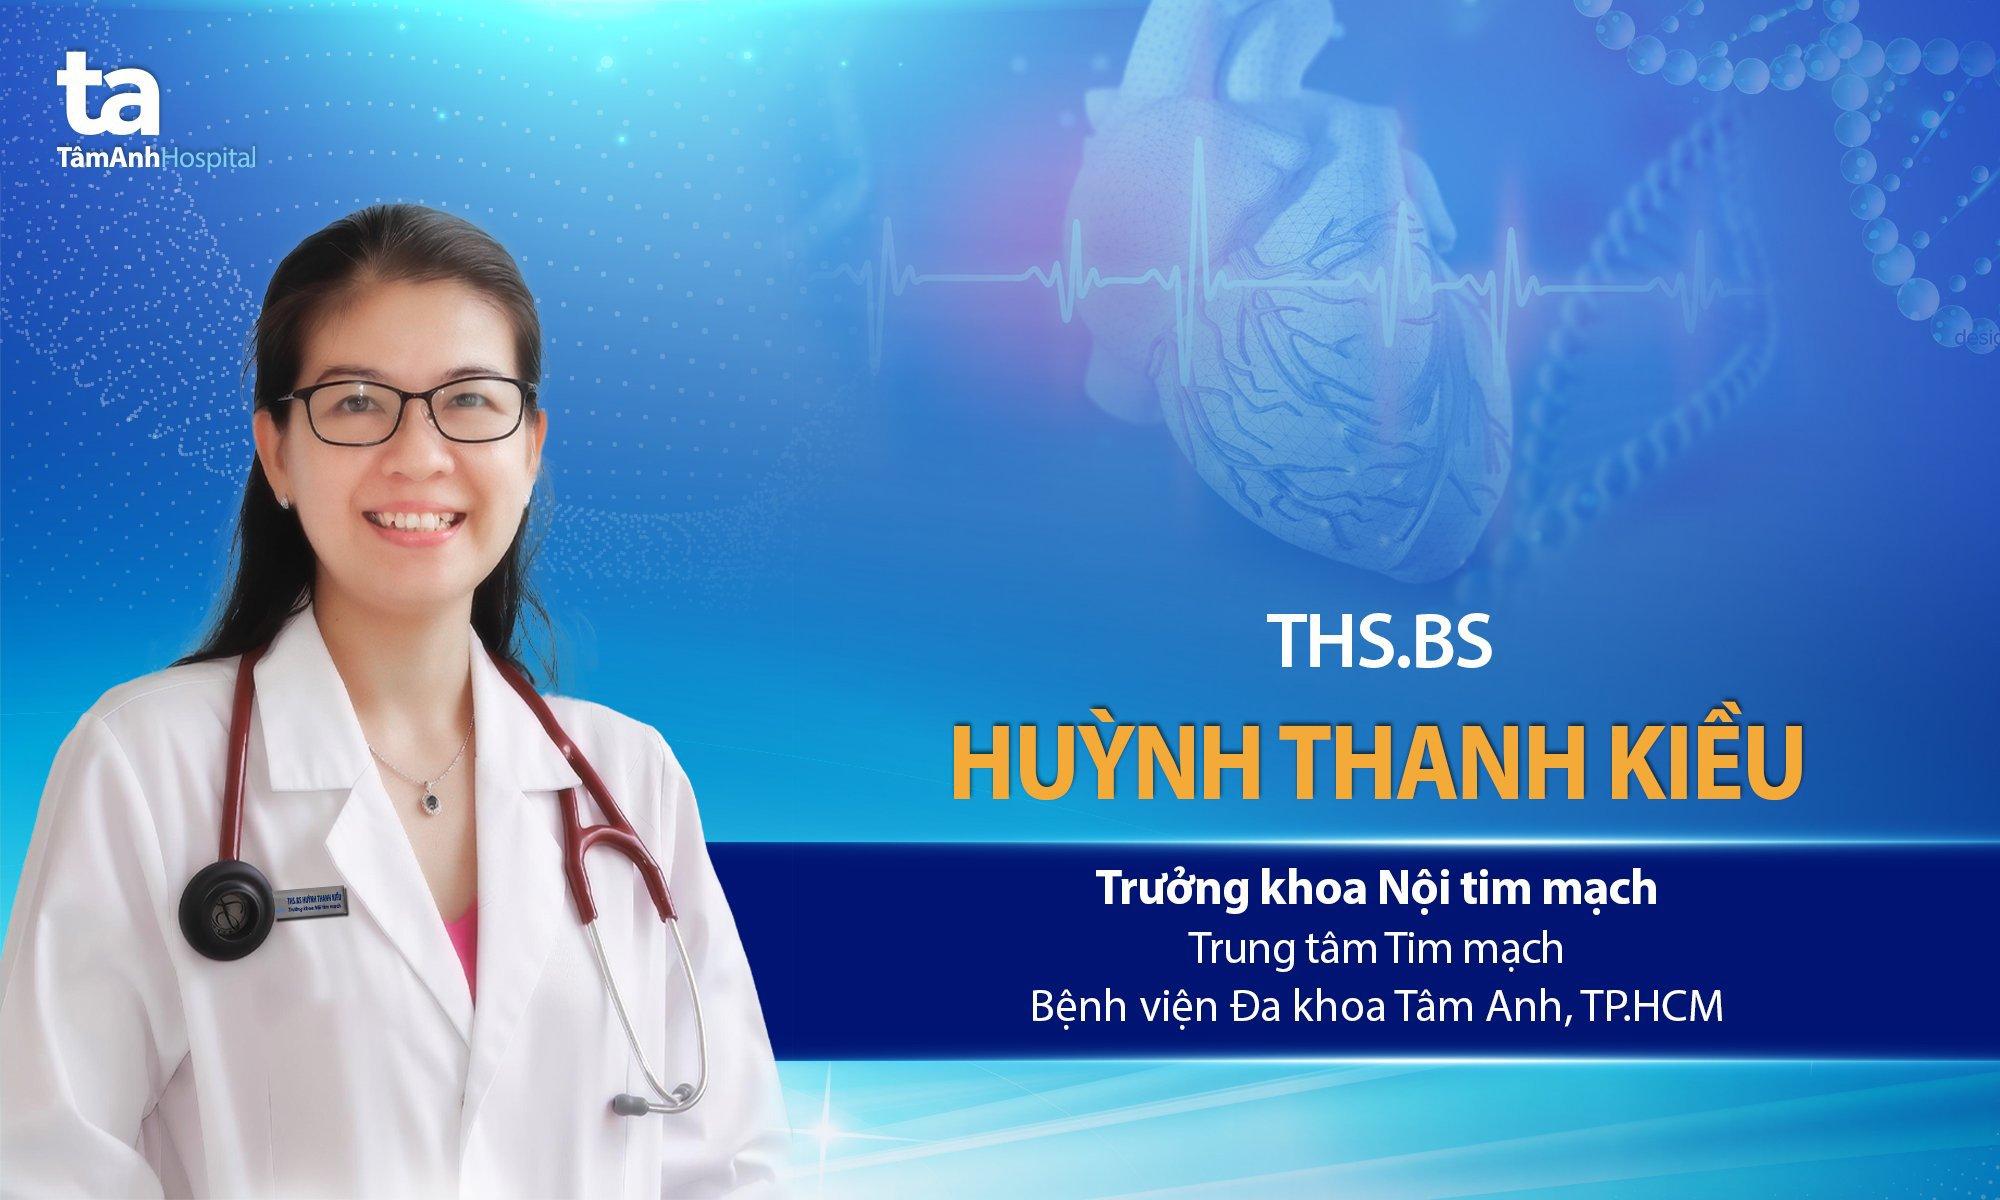 ThS.BS Huỳnh Thanh Kiều